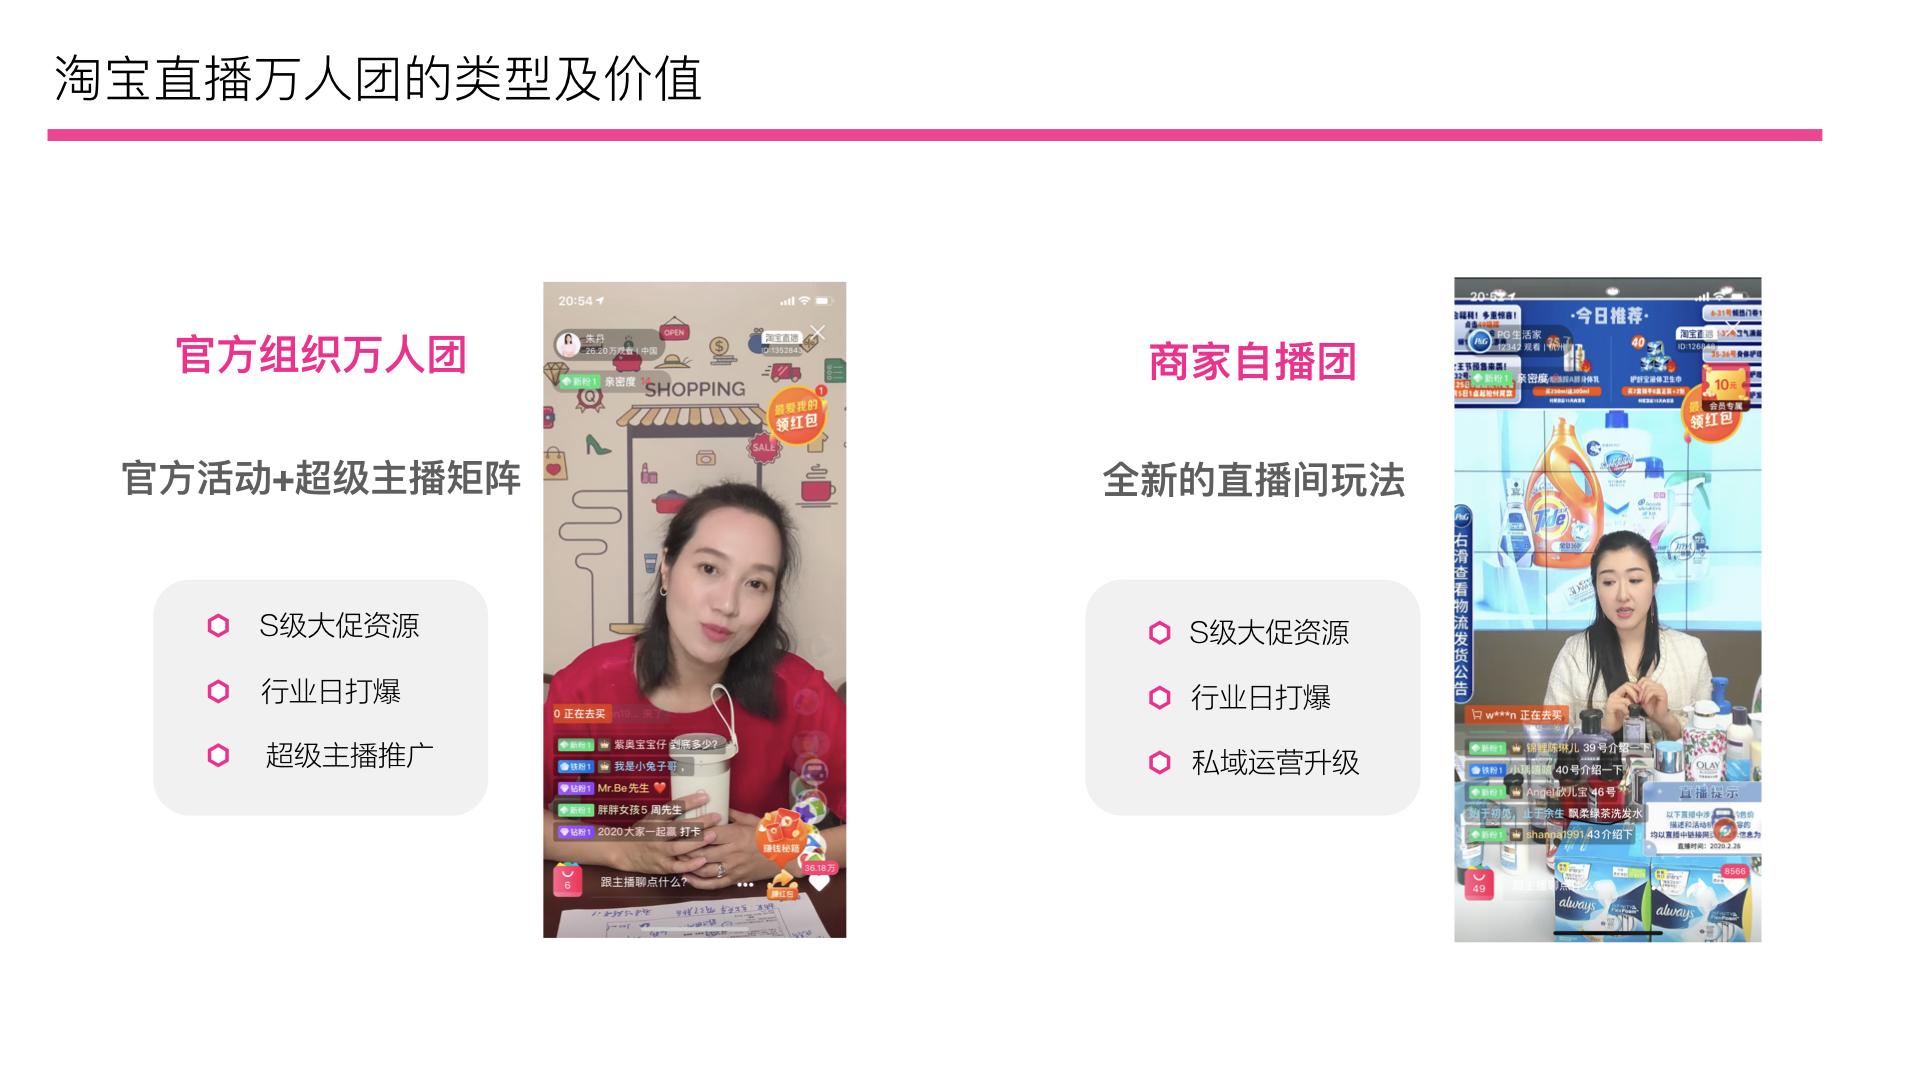 淘宝直播万人团介绍-商家版228-1.003.jpeg